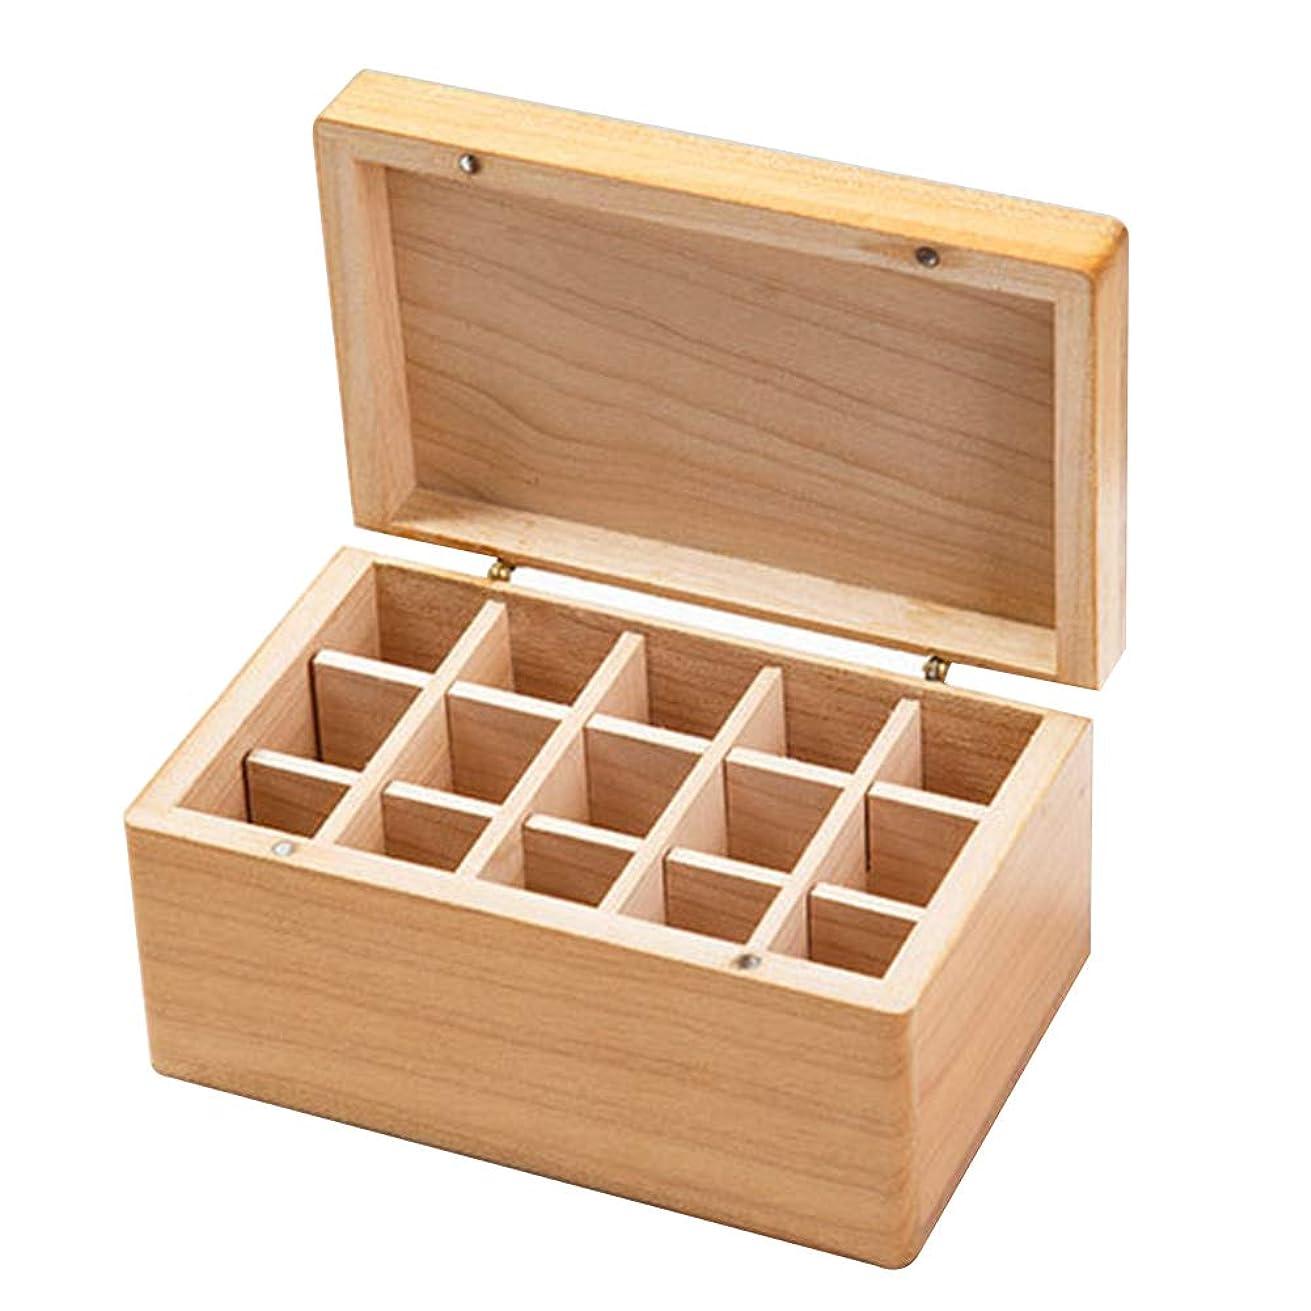 シュリンクベアリングサークル立ち寄るエッセンシャルオイル木製収納ボックス、天然木素材コンパートメント耐久性のあるボトル注文したグリッド構造環境に優しいディスプレイケース